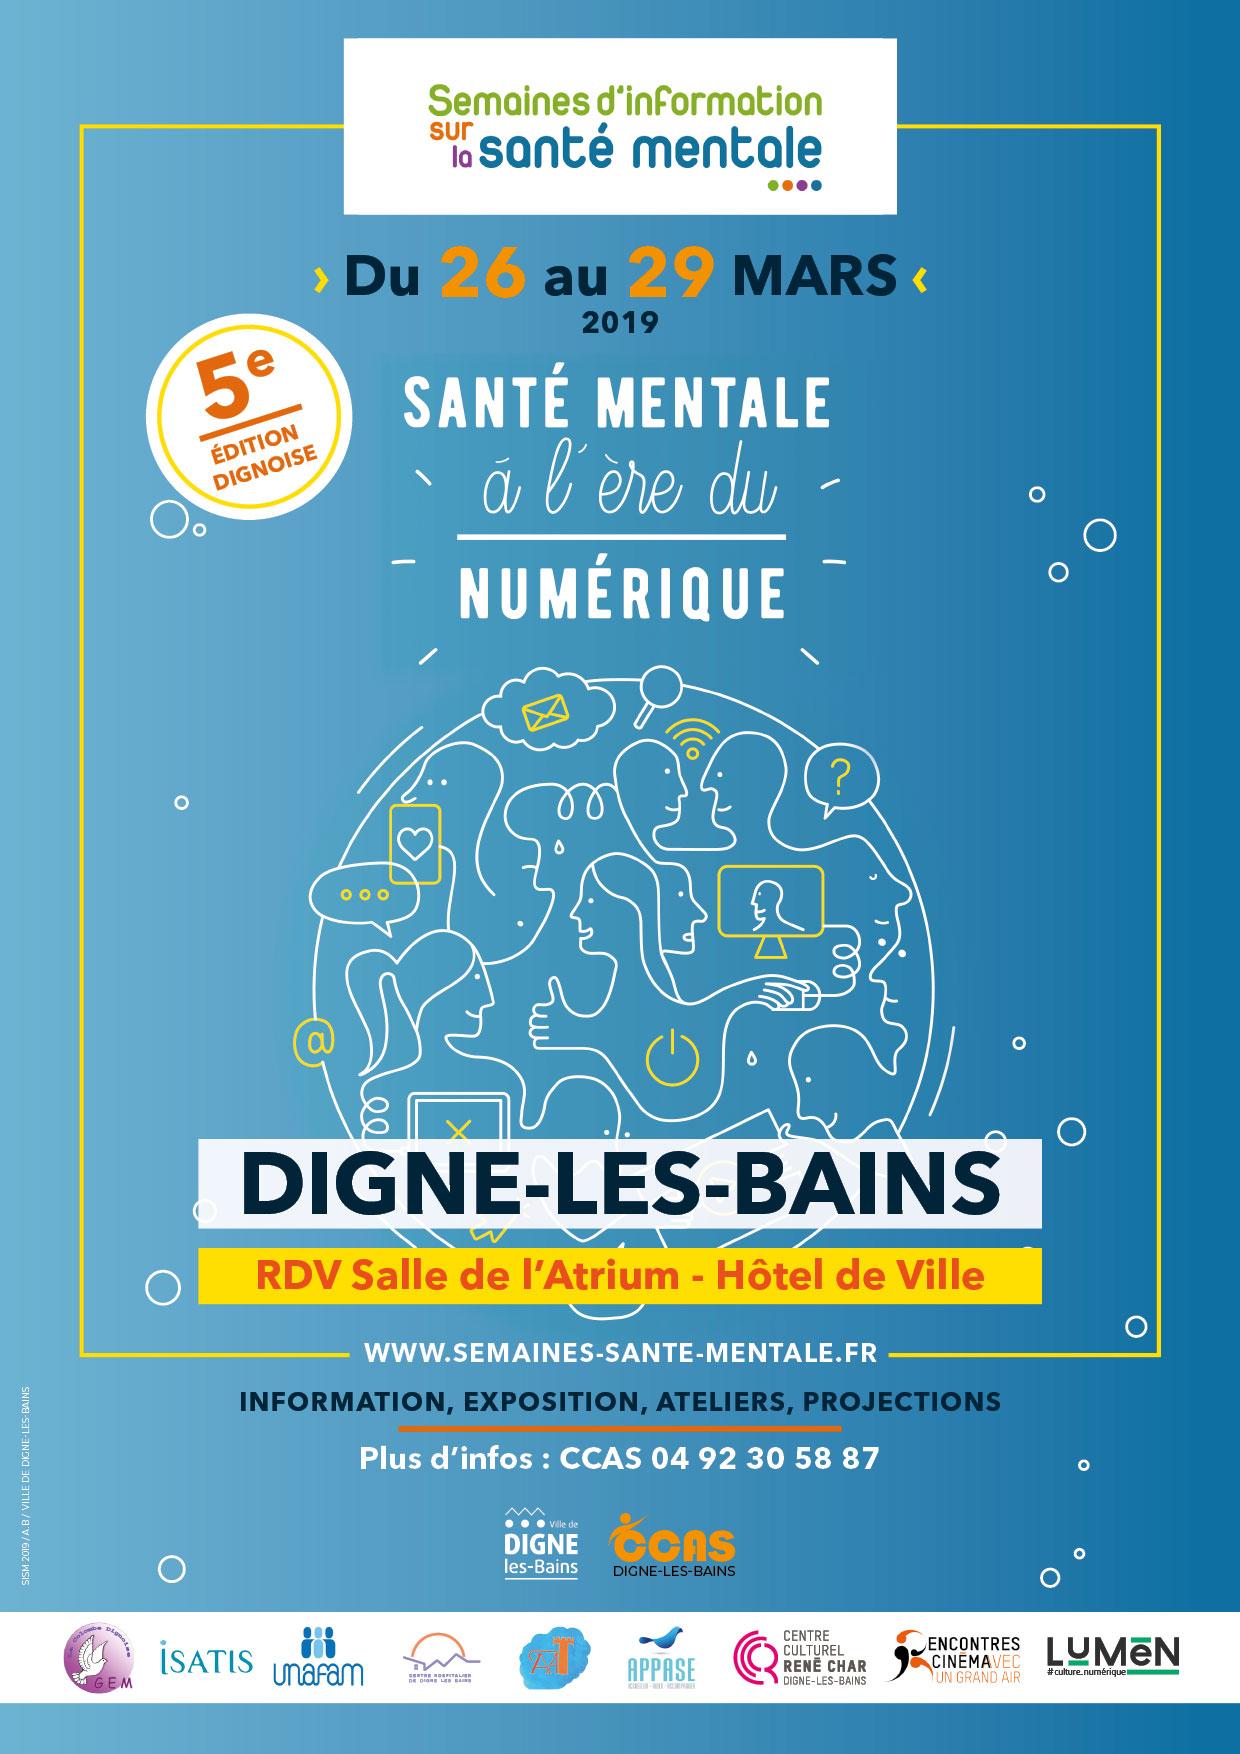 Affiche campagne Semaines d'information santé mentale